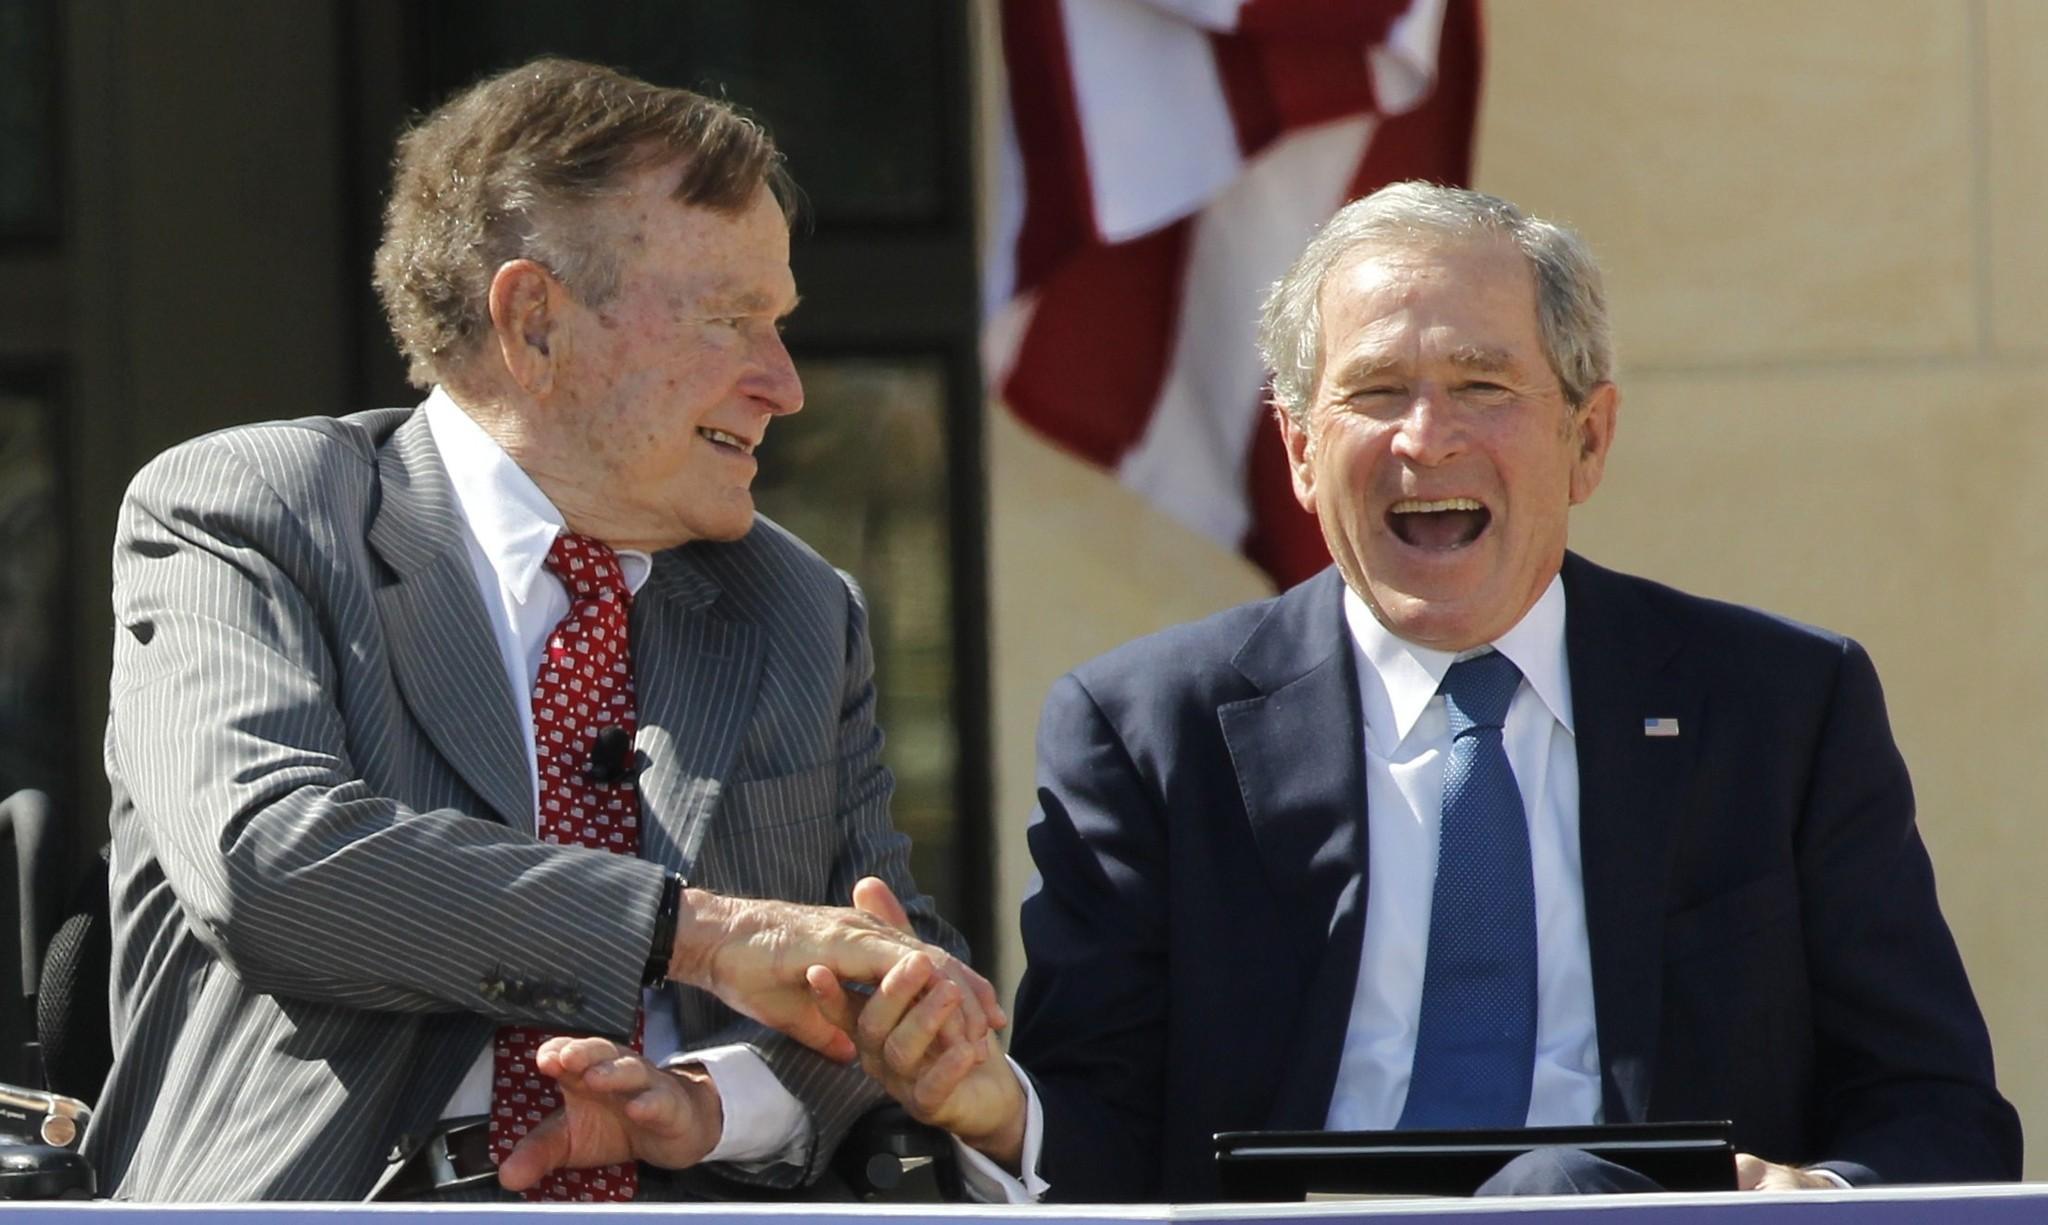 جورج بوش الاب والأبن